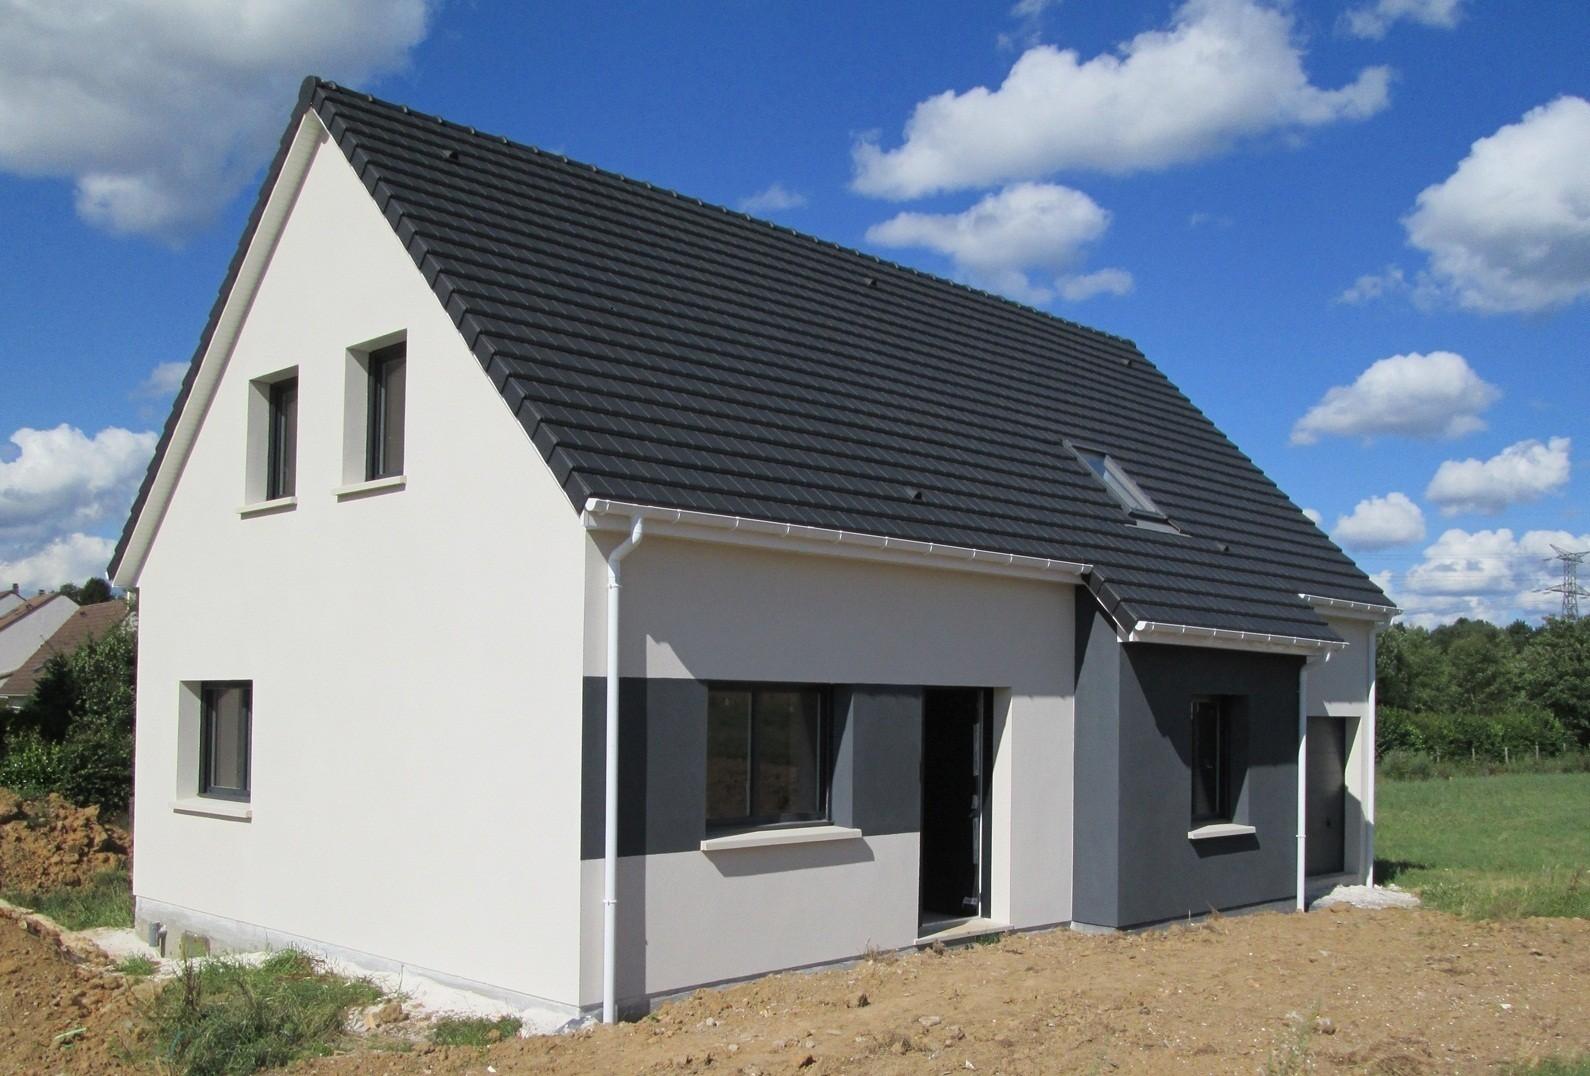 Maisons + Terrains du constructeur MAISON FAMILIALE CAEN • 110 m² • LISON